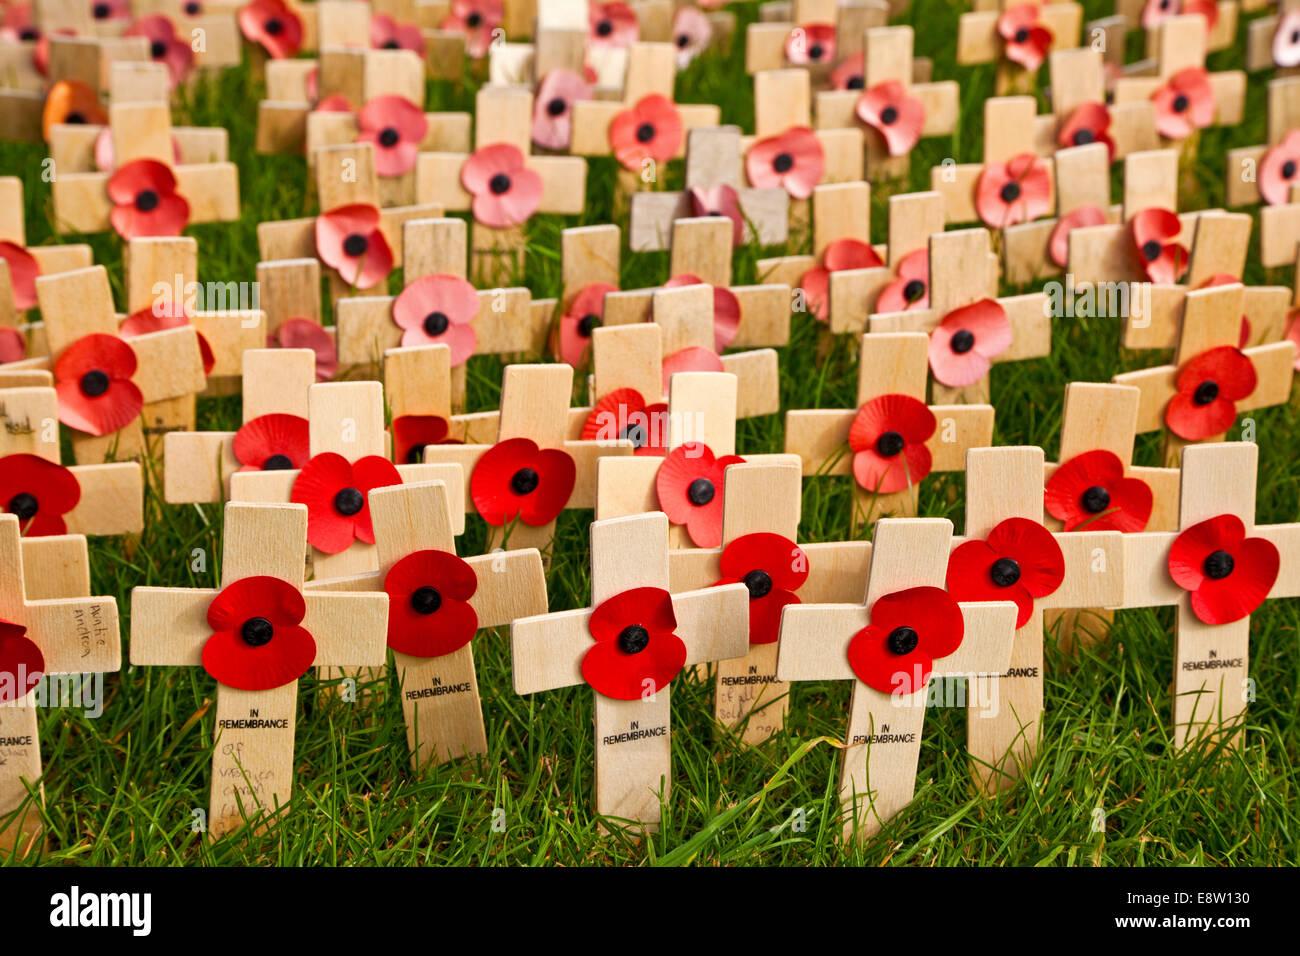 Croix du Souvenir et coquelicots sur Lindisfarne war memorial britannique Northumberland Banque D'Images